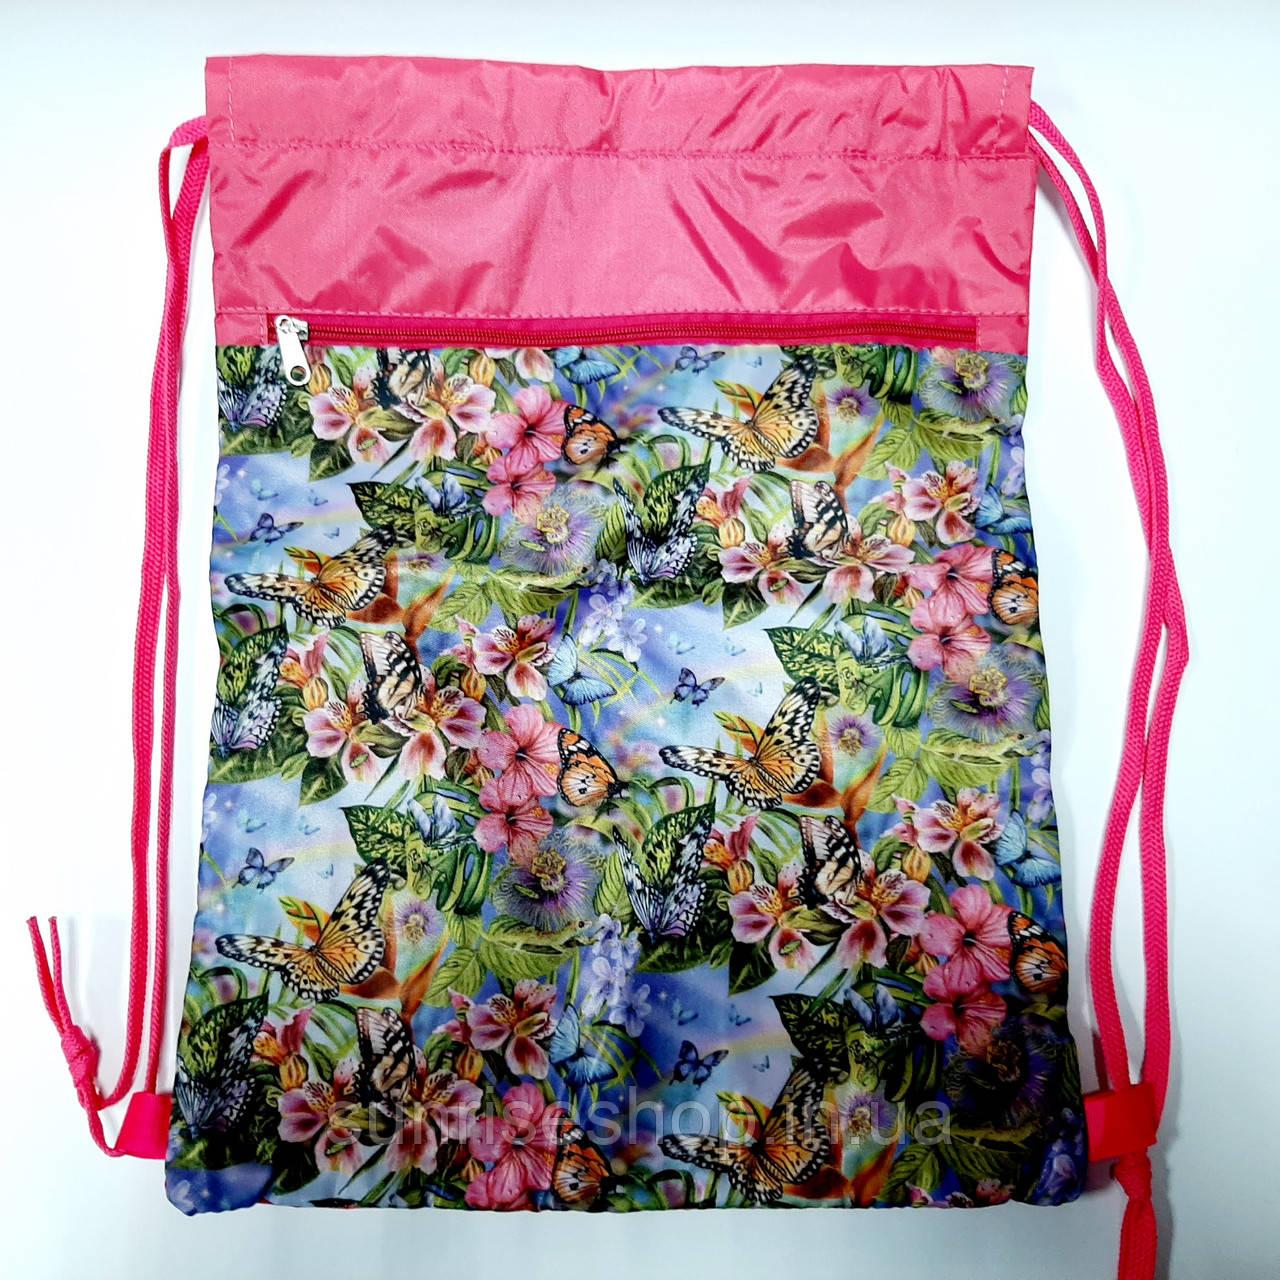 Рюкзак для сменной обуви Бабочки